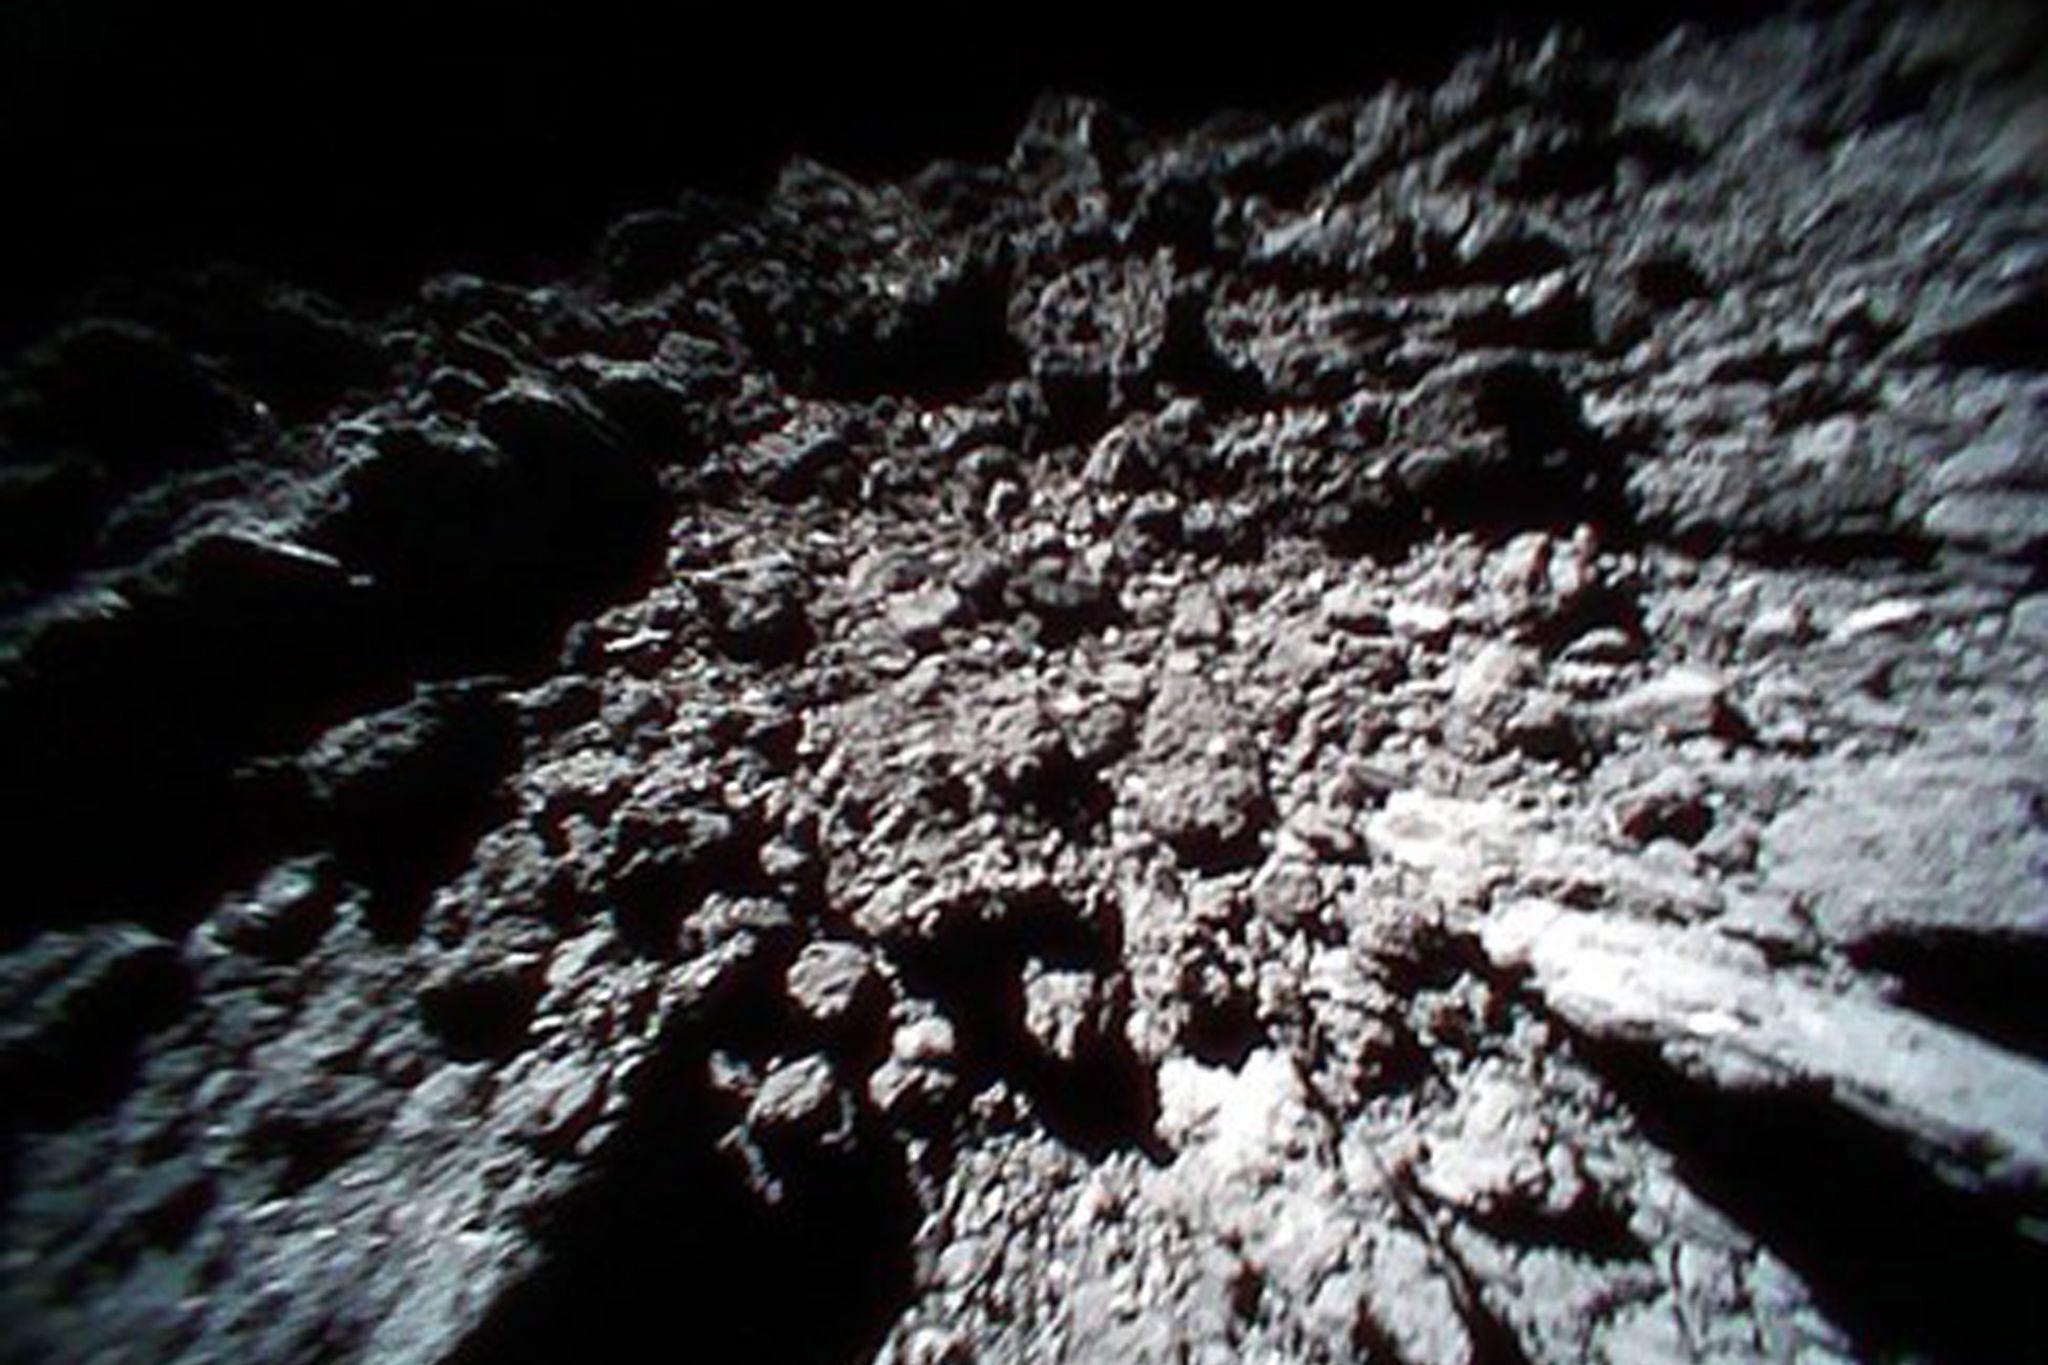 Sonda japonesa deverá aterrar amanhã num asteroide para recolher amostras